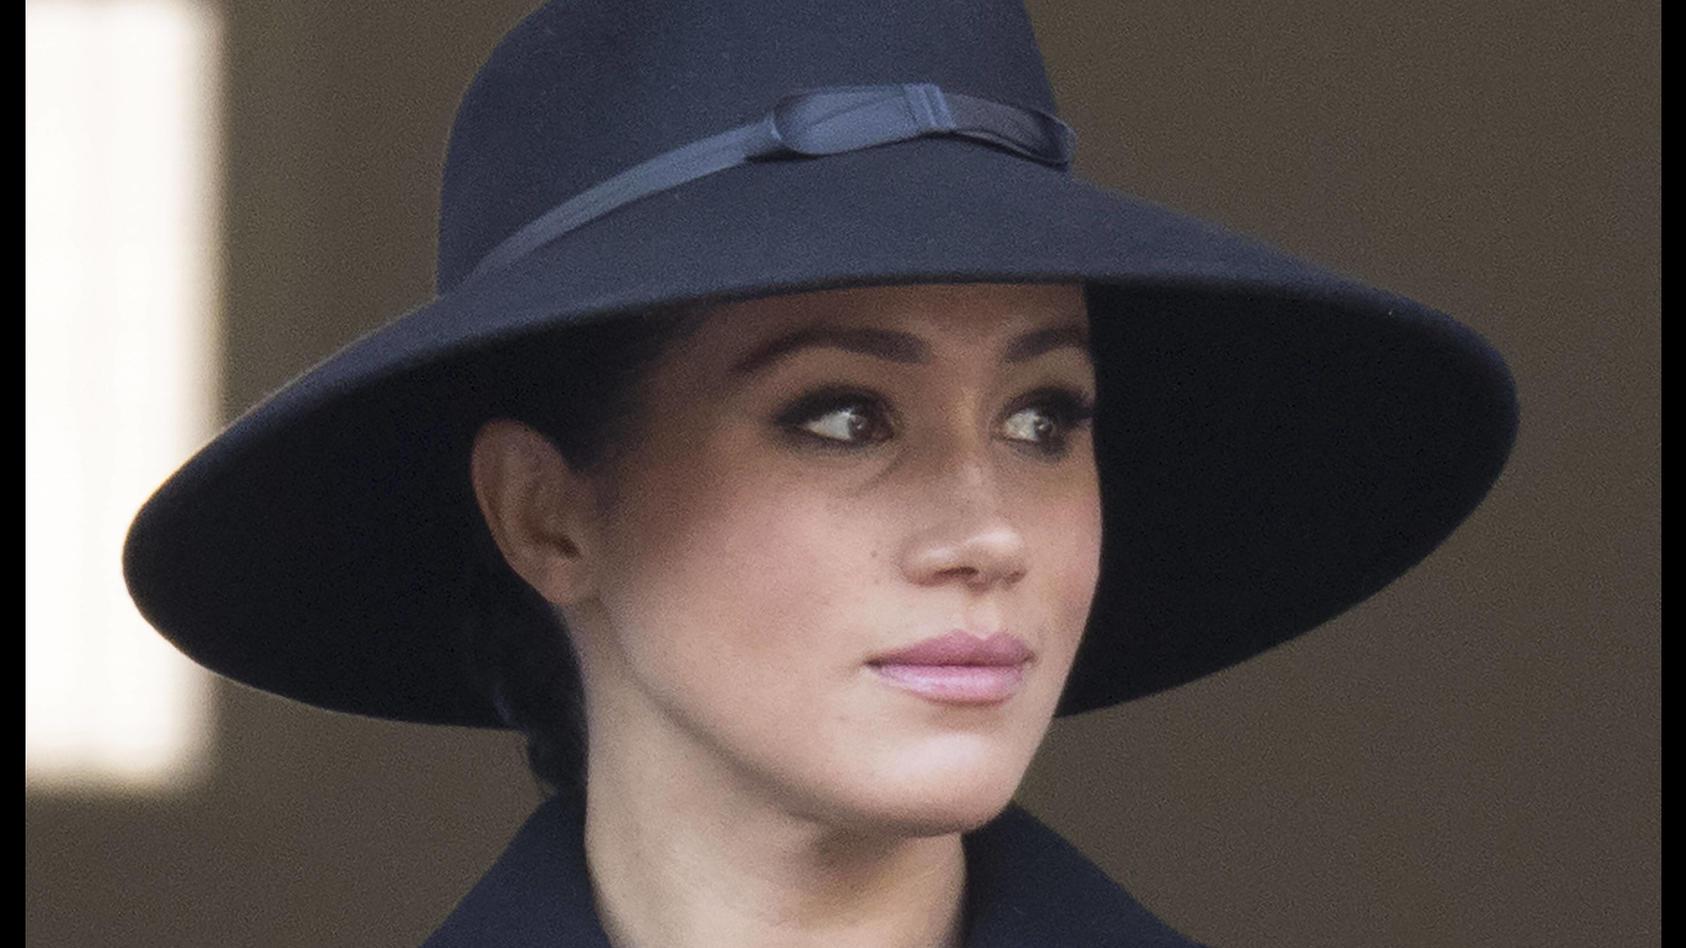 Herzogin Meghan nimmt die Anschuldigungen gegen ihre Person ernst.